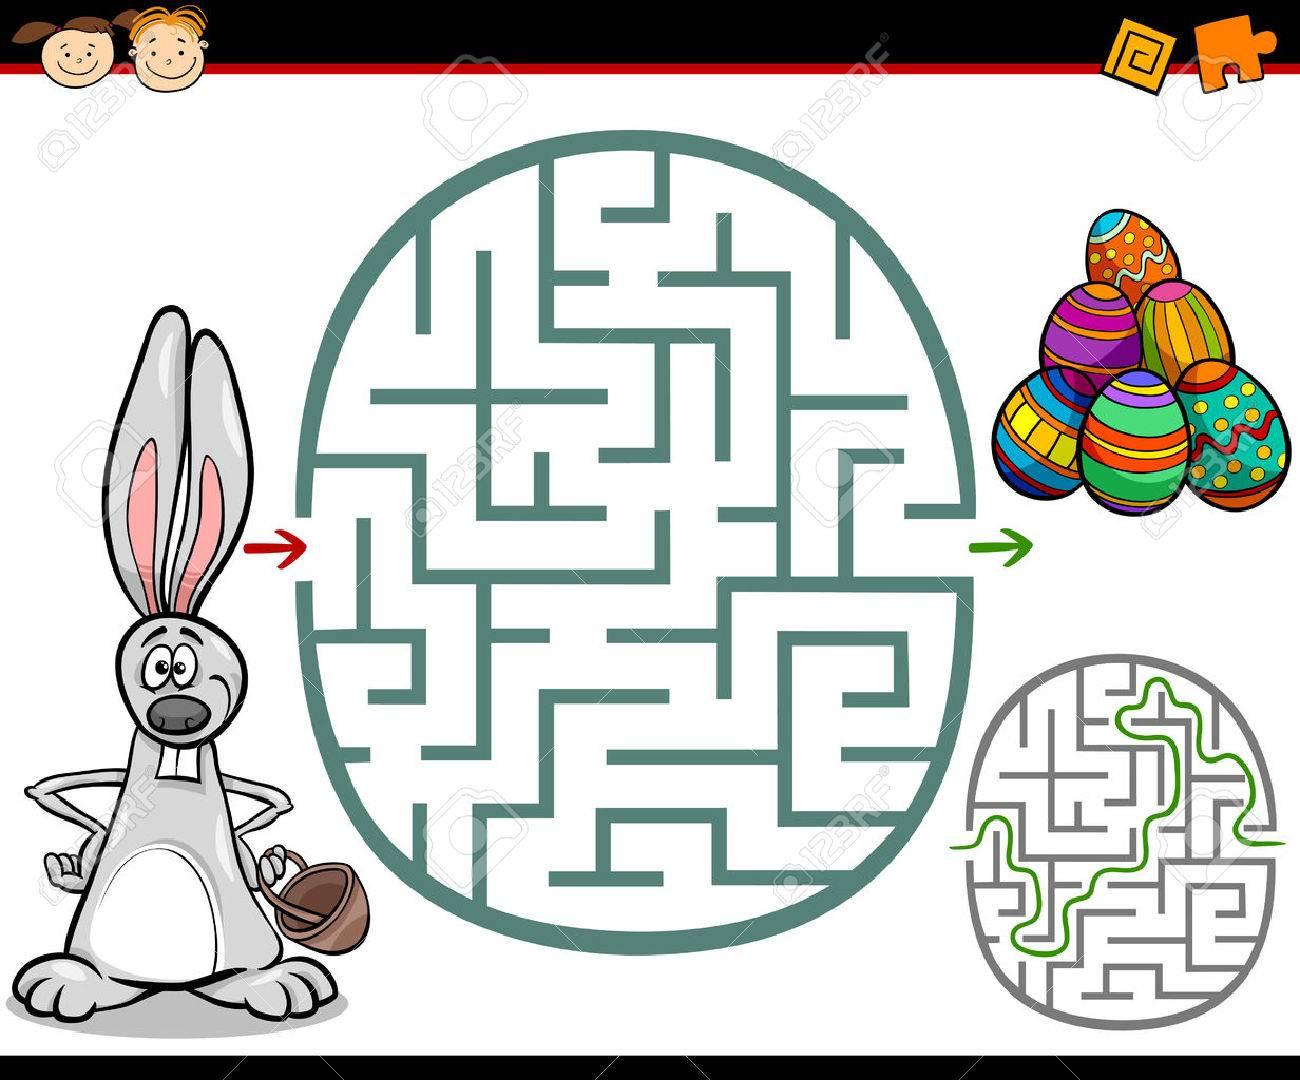 イースターのテーマに幼児の教育の迷路や迷宮ゲームの漫画の実例の